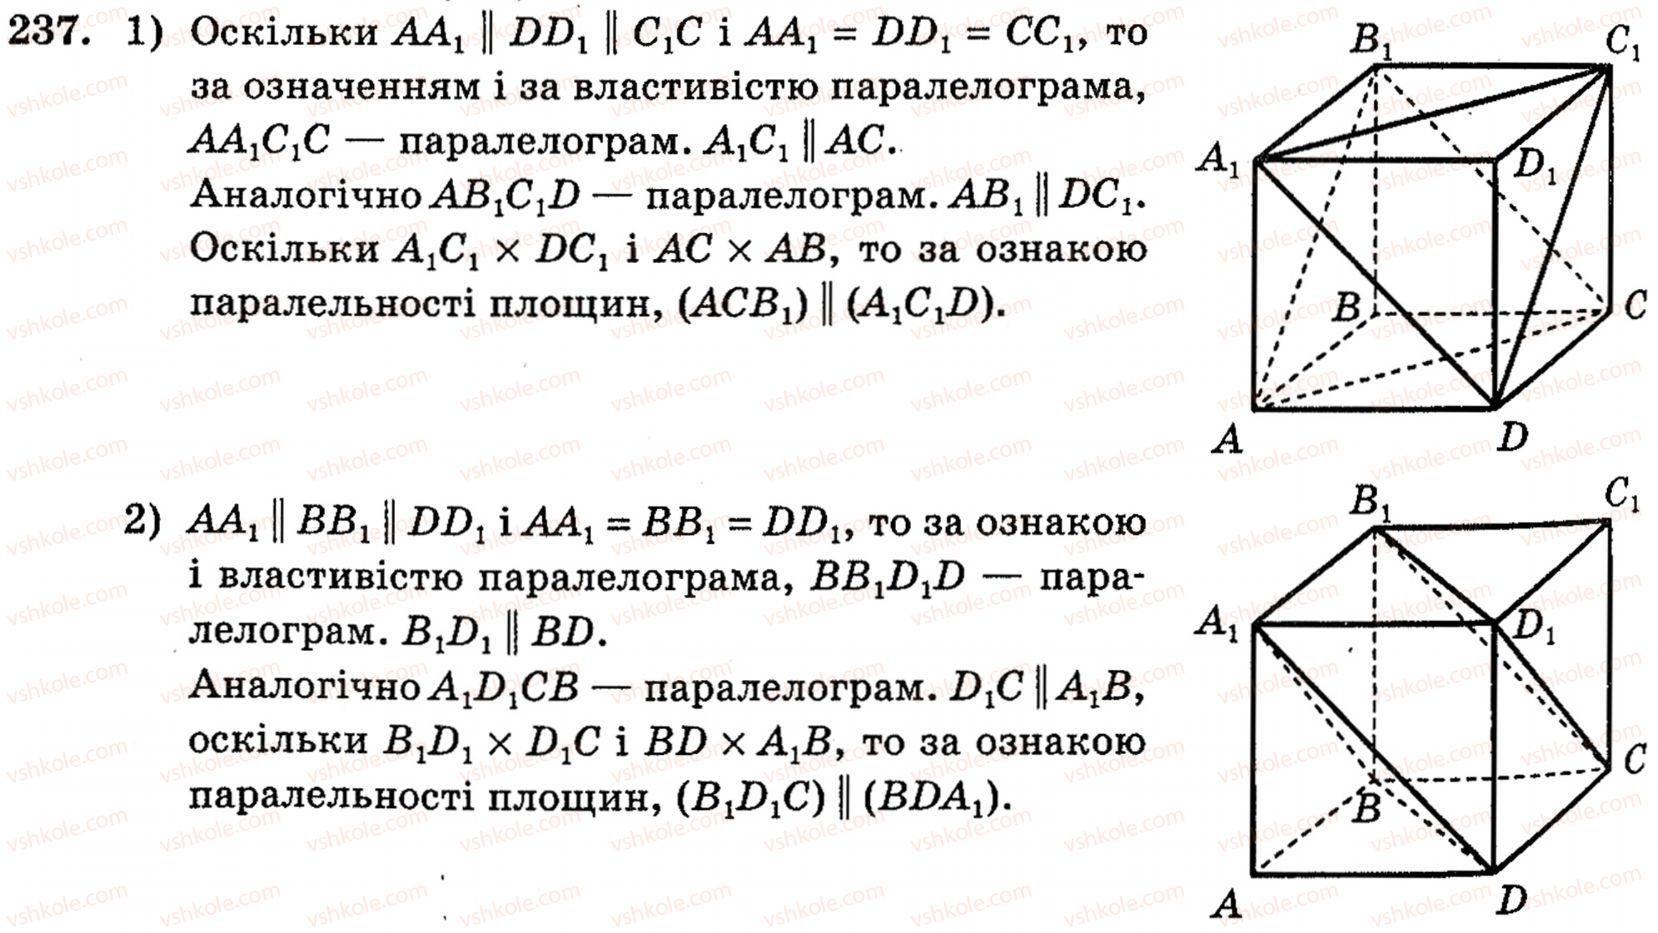 нелин академический уровень по решебник 10 геометрии класс